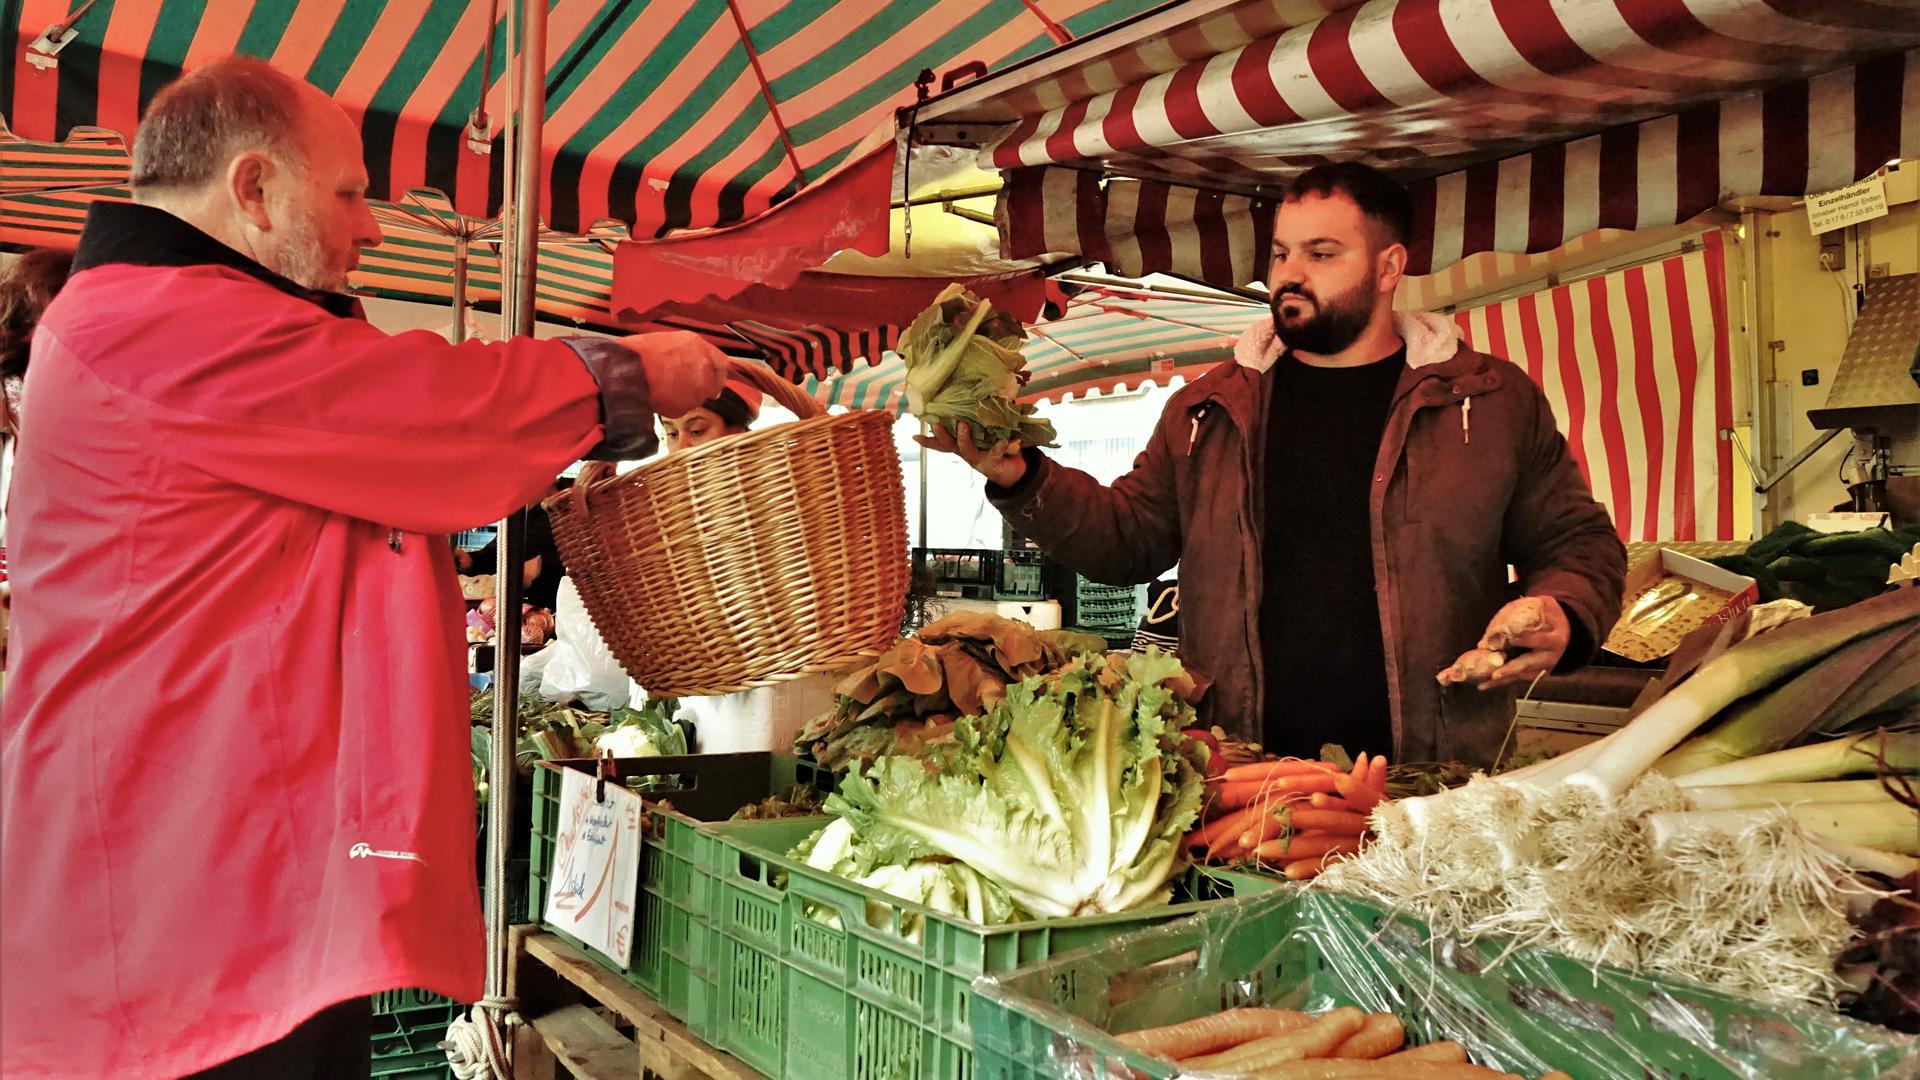 Noch rechtzeitig kauft ein Kunde frisches Gemüse von einem Hof aus Erden. Andere musste Verkäufer Thomas aber auch schon wegschicken, wenn bereits der Abbau ansteht. Eine Verlängerung der Öffnungszeiten wird auch unter den Beschickern heiß diskutiert.